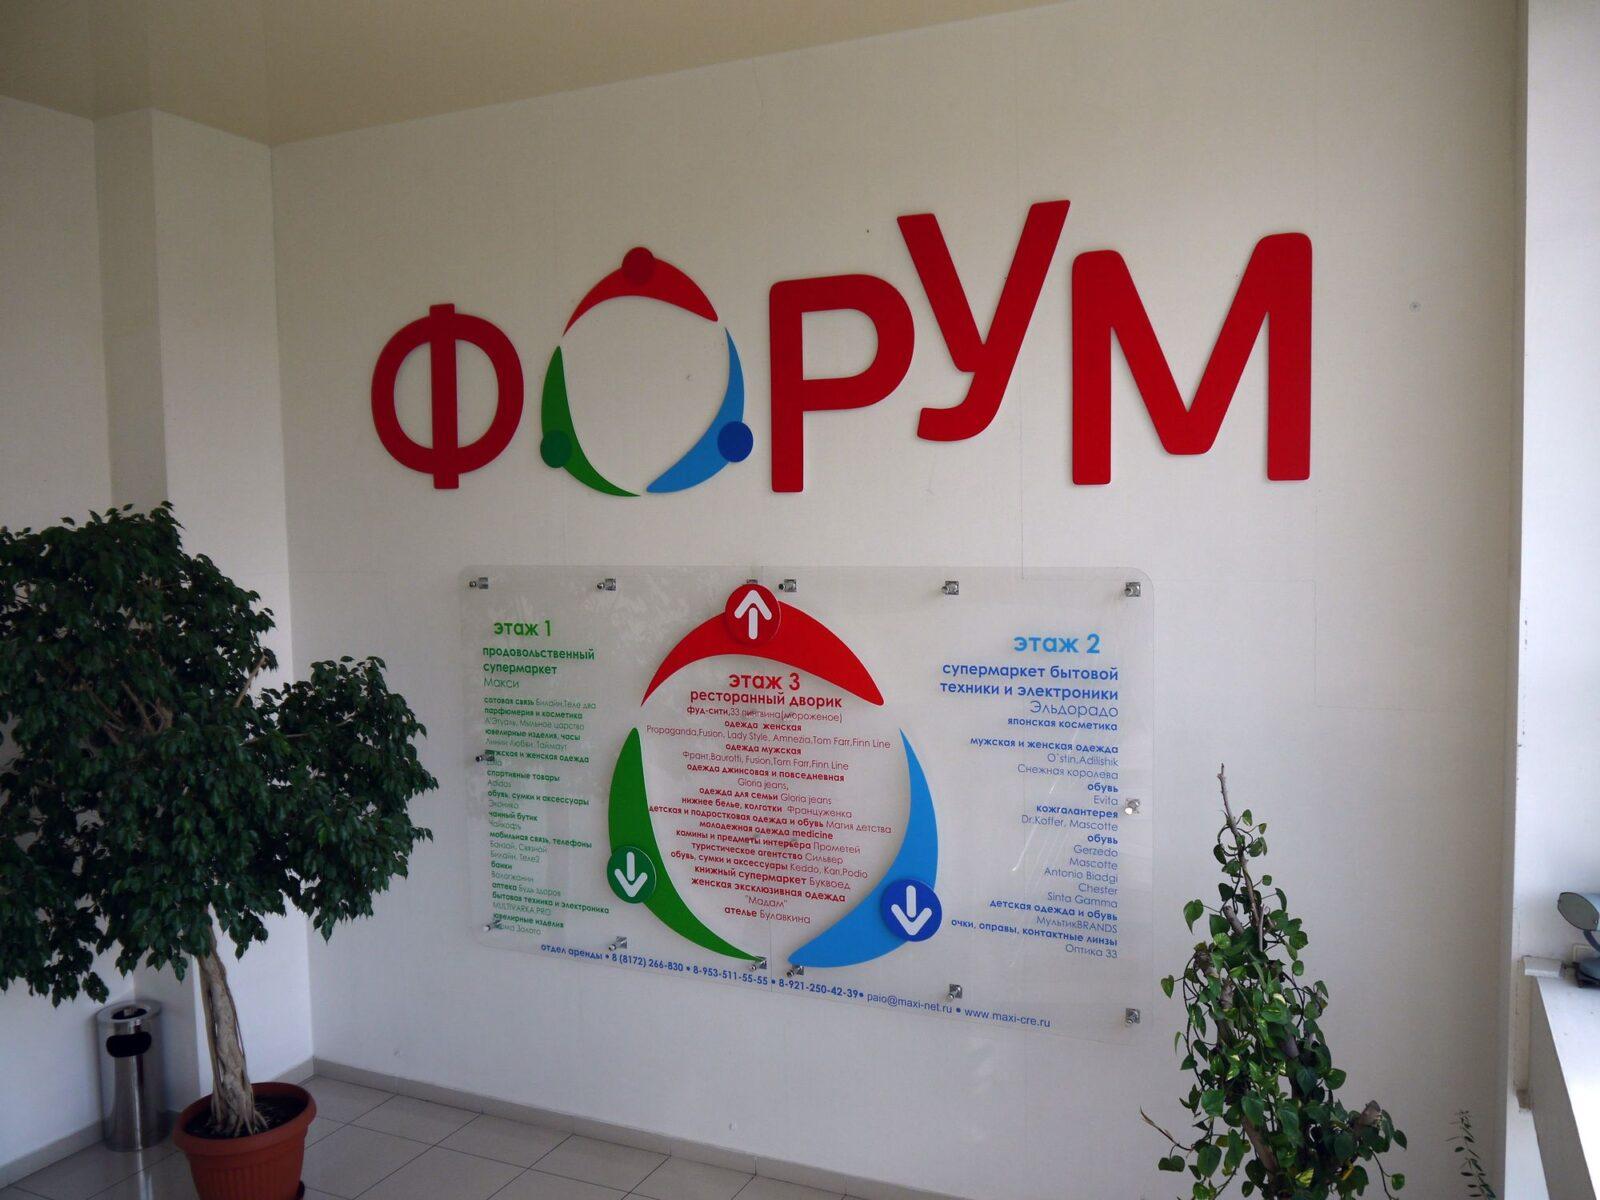 Реконструкция вывесок ТЦ Форум (1)